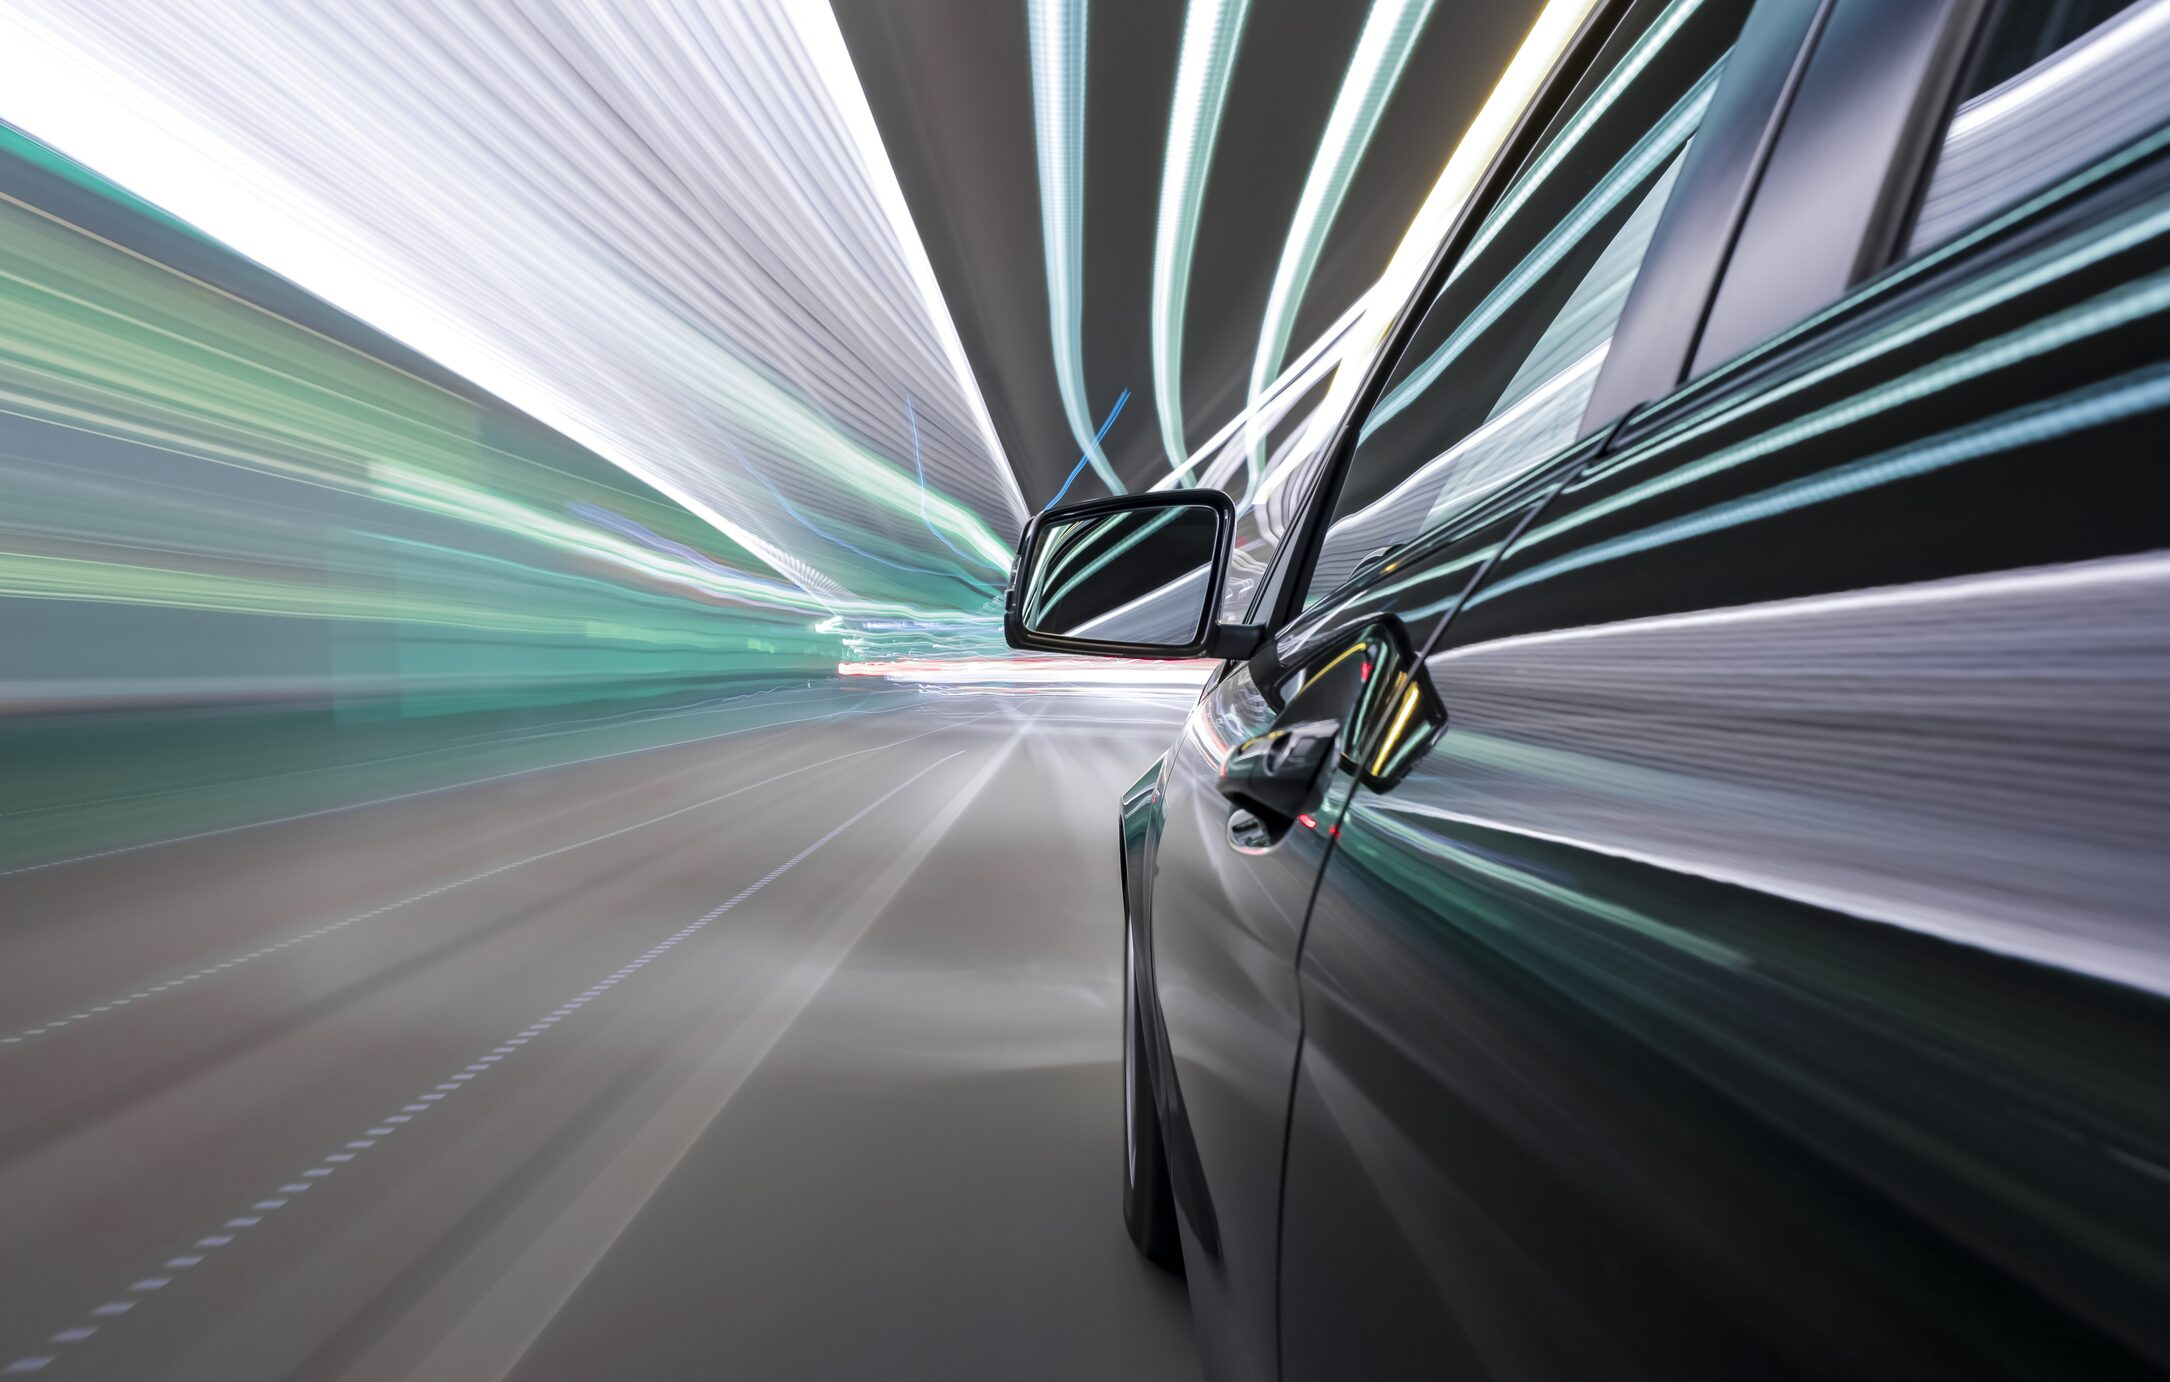 ABeam ร่วมมือสมาคมยานยนต์ไฟฟ้าไทย หนุนการเติบโต EV ในภูมิภาค